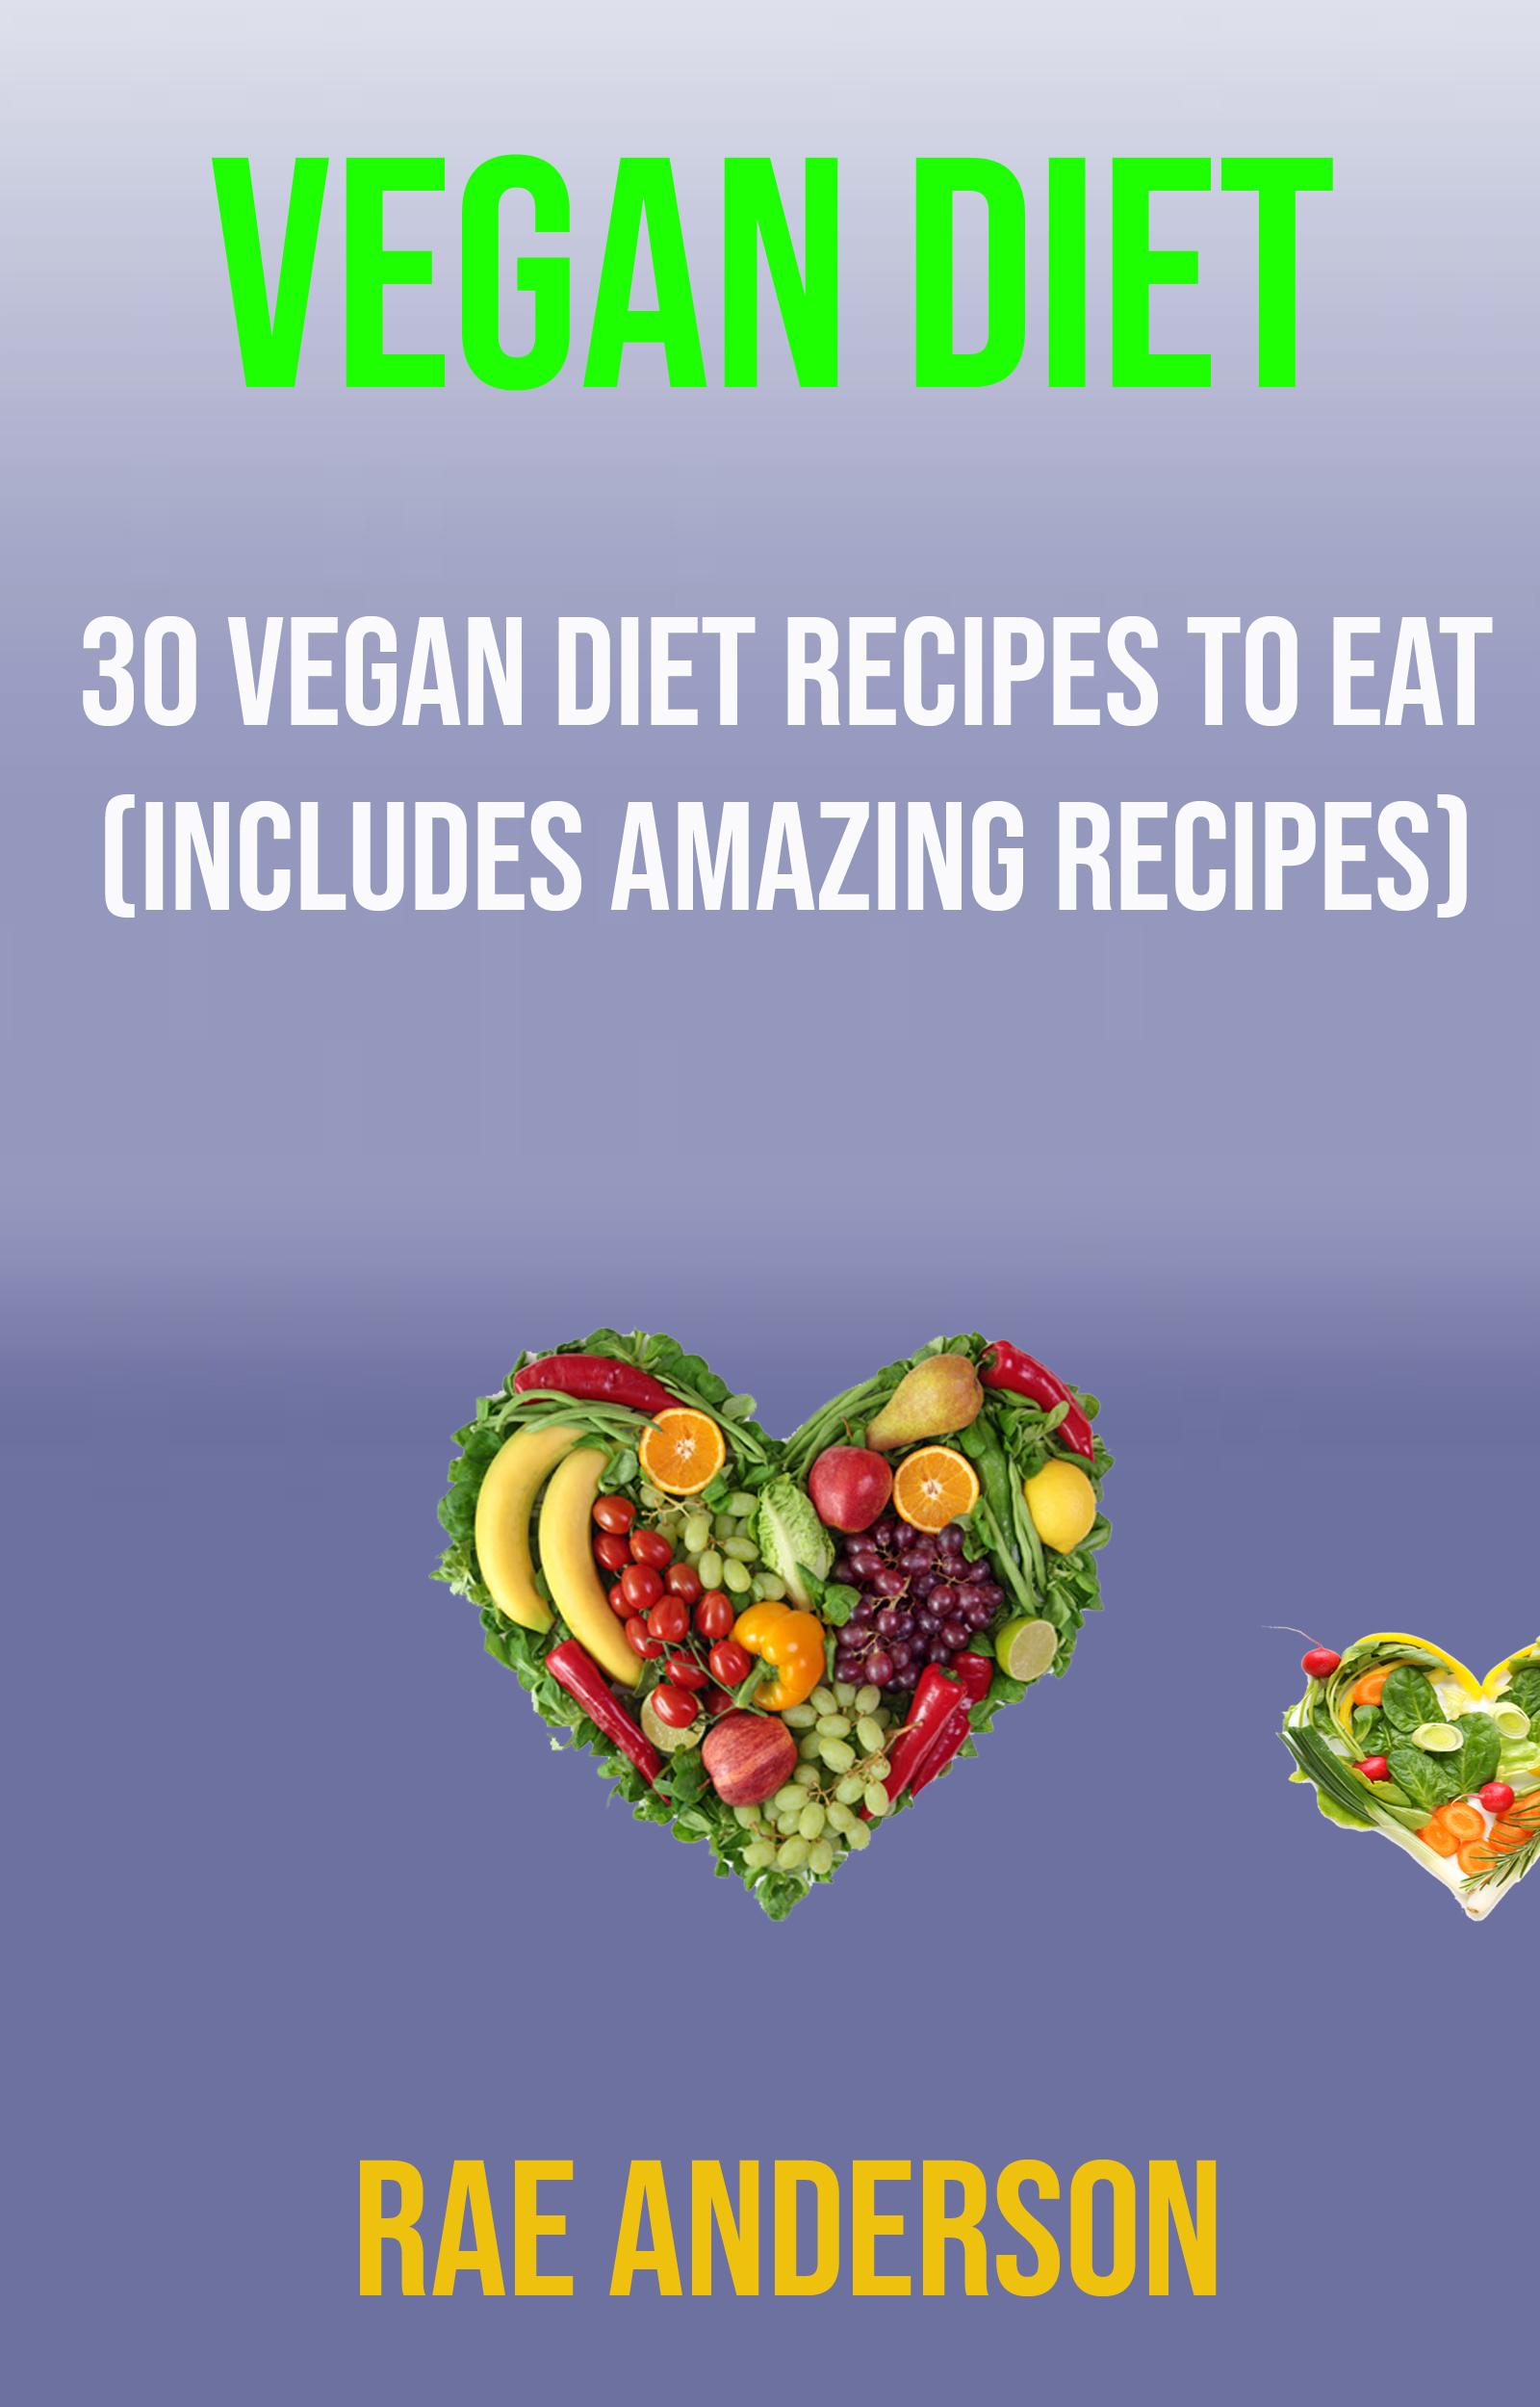 Vegan diet: 30 vegan diet recipes to eat (includes amazing recipes)